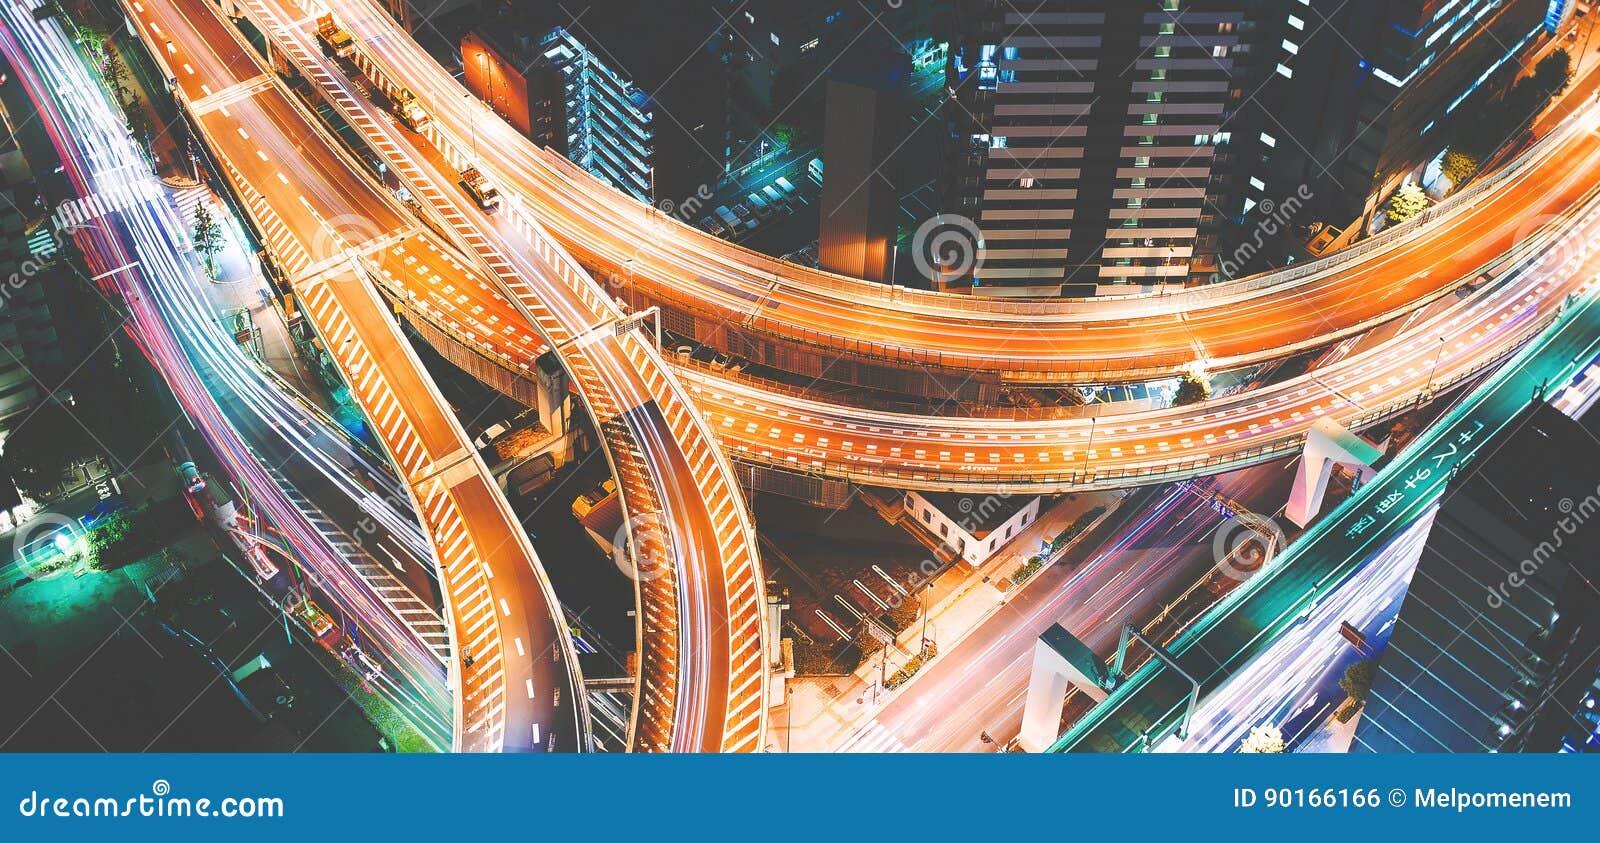 一个巨型的高速公路交叉点的鸟瞰图在东京,日本